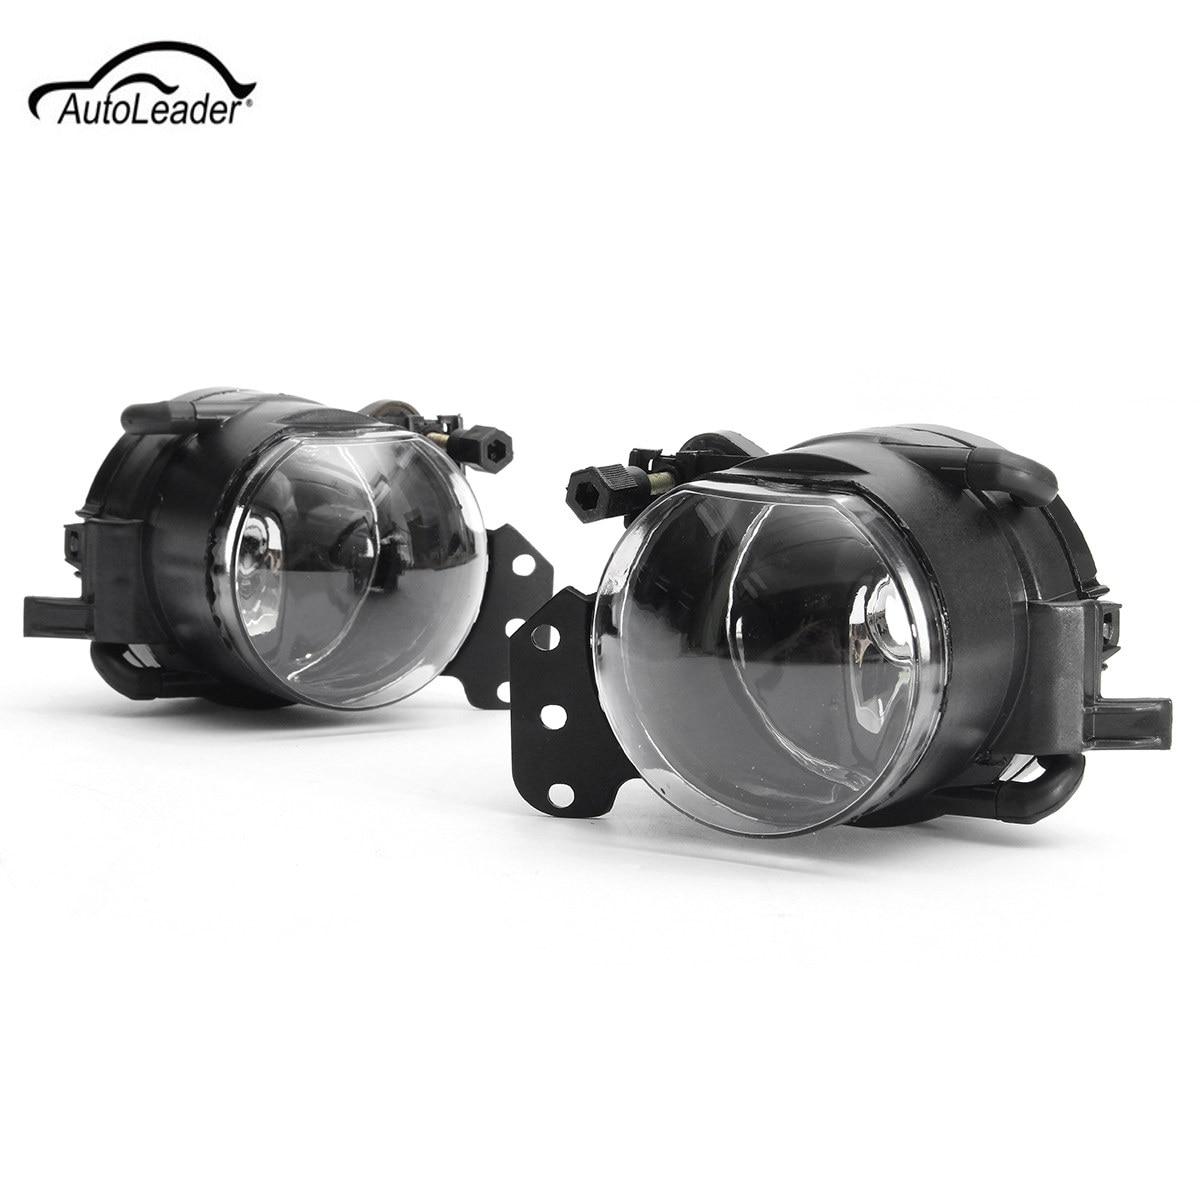 2Pcs Car Front Fog Lights Lamps Housing Lens Clear For BMW E60 E90 E63 E46 323i 325i 525i social housing in glasgow volume 2